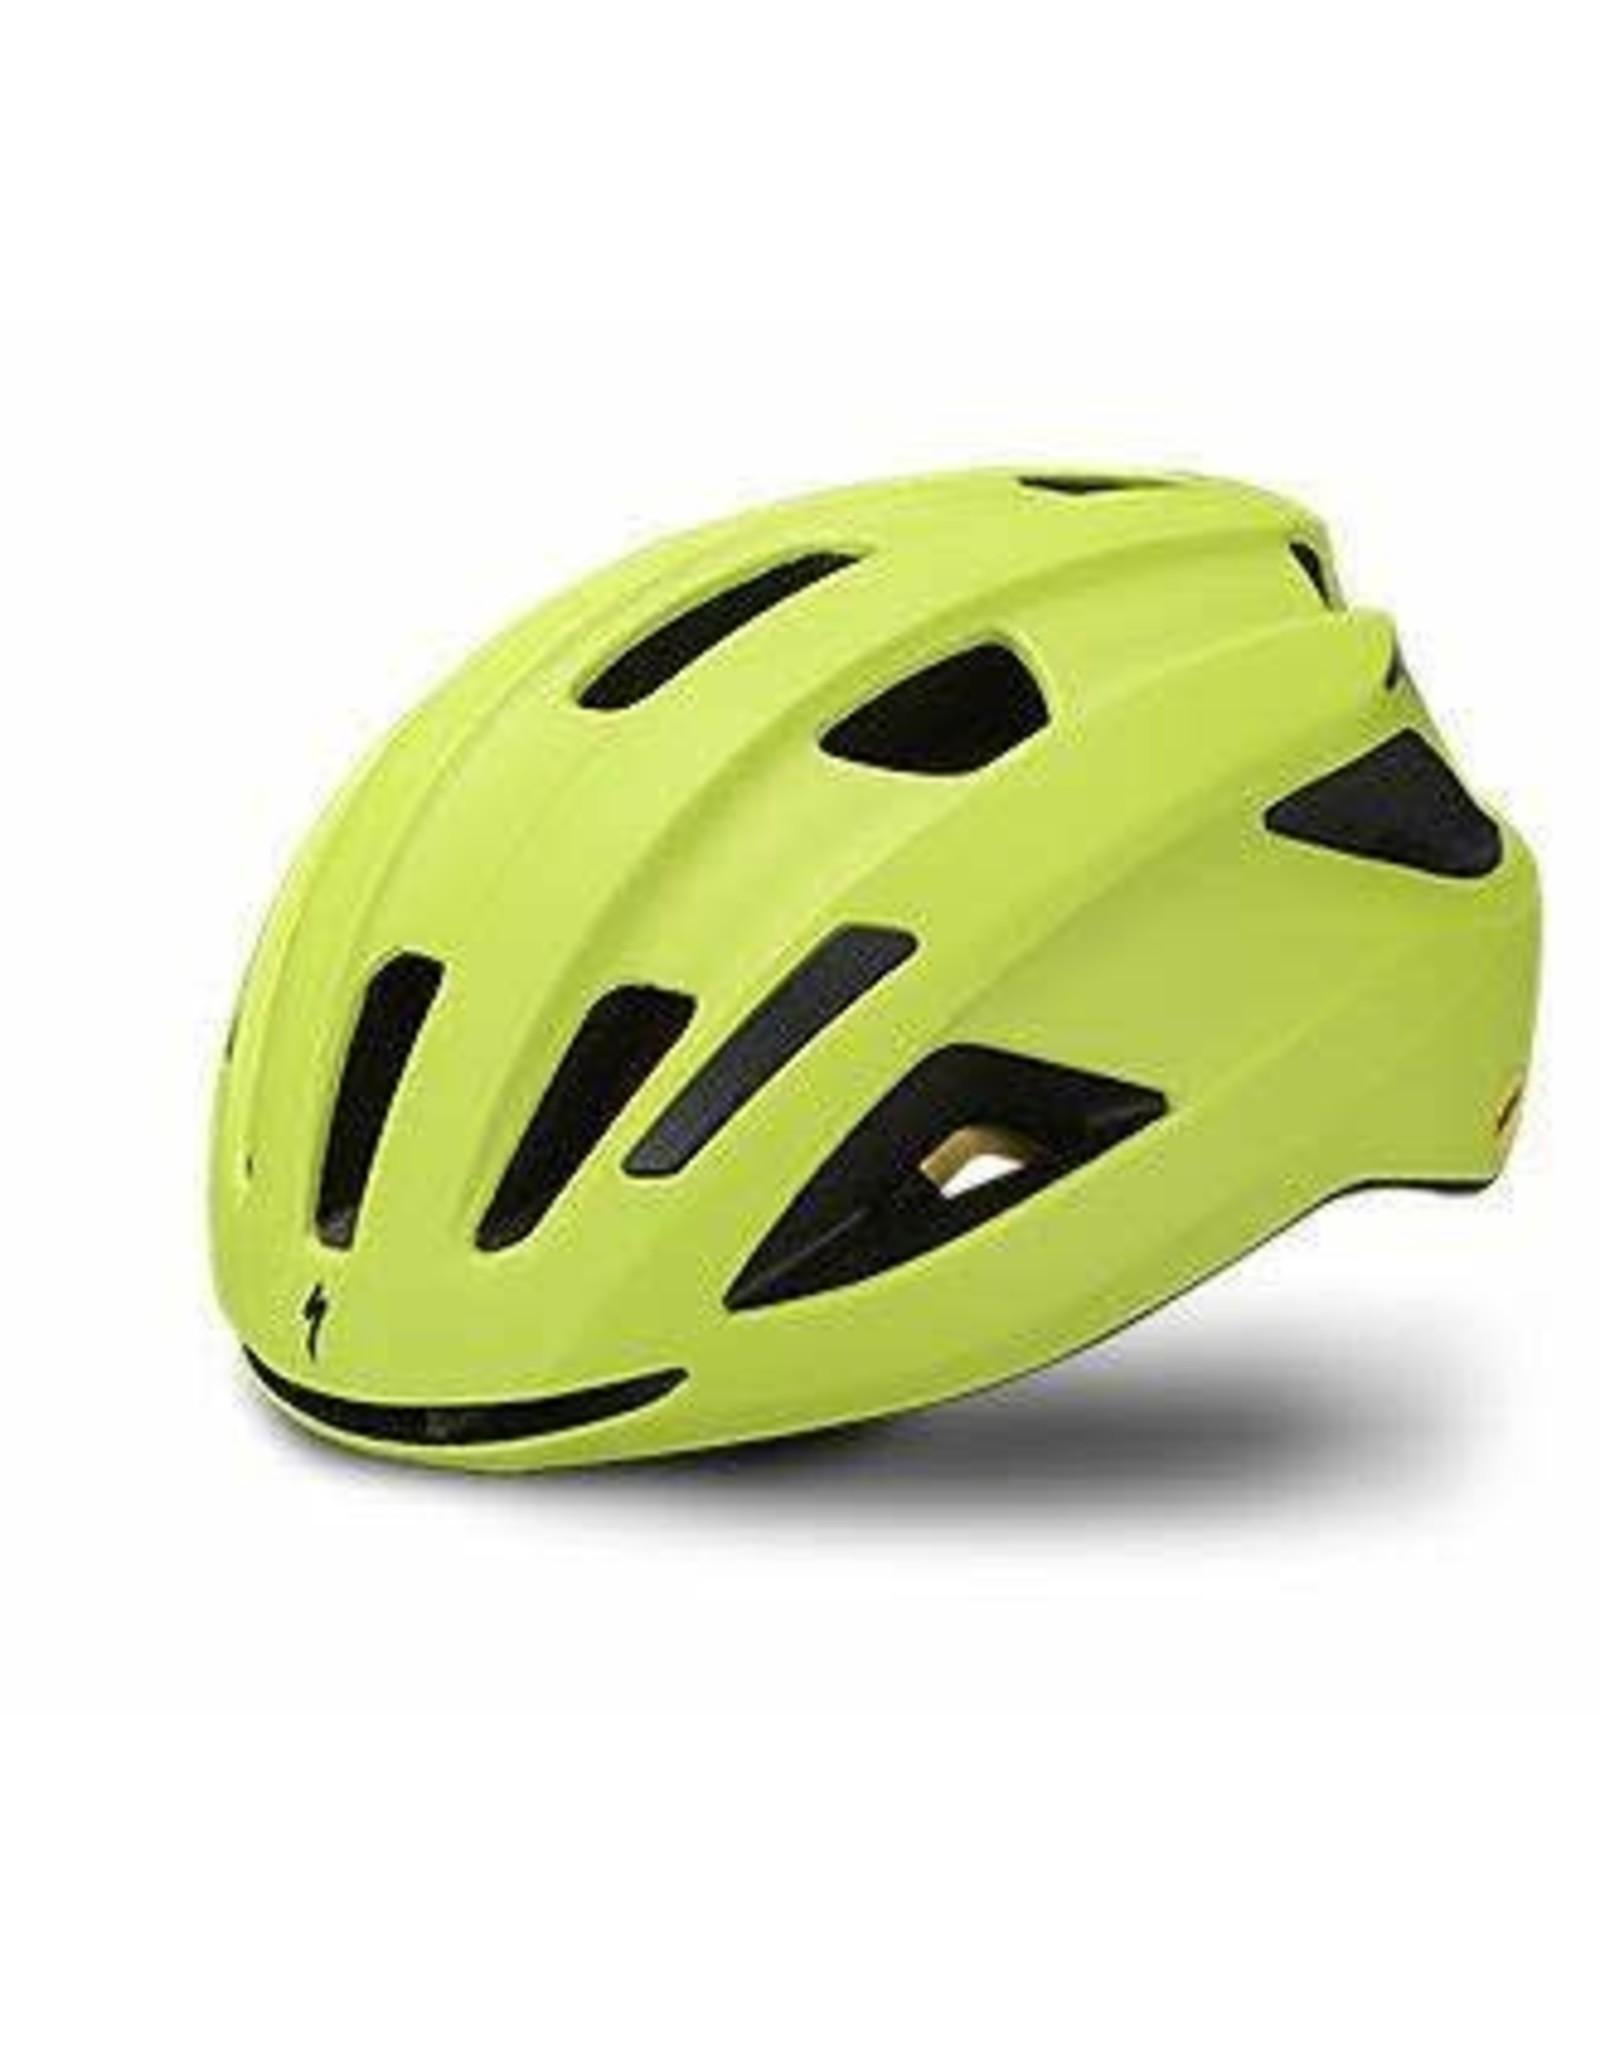 Specialized Helmet Spec Align II MIPS Hyper/Blk S/M